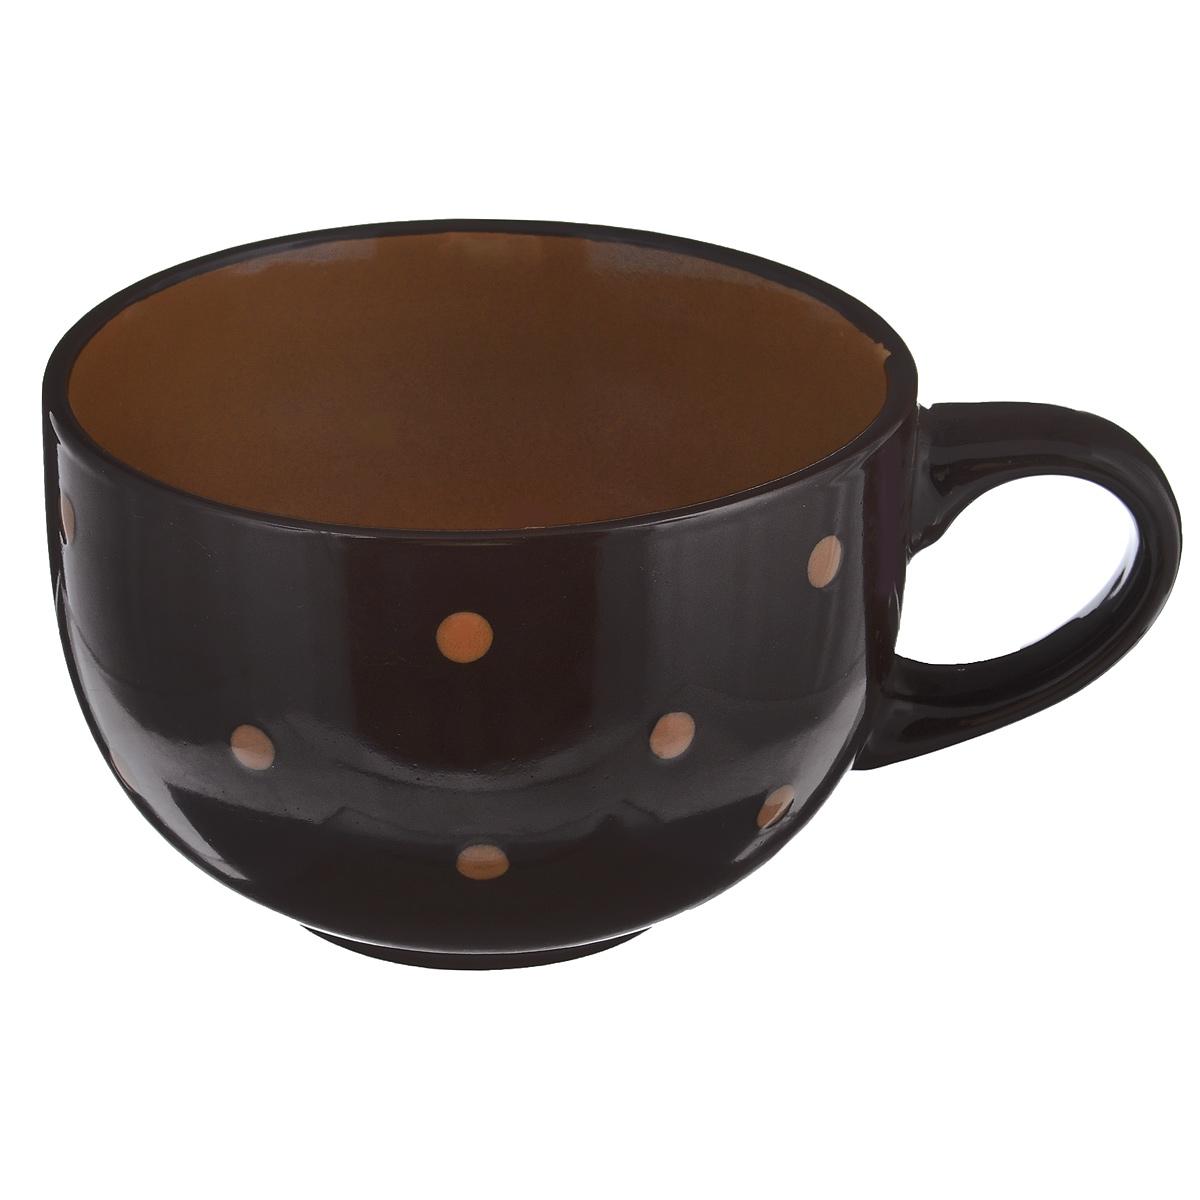 Чашка большая Горошек, цвет: темно-коричневый, 640 млHV95516BRБольшая чашка Горошек изготовлена из высококачественной керамики. Первоклассная глина, двухступенчатый обжиг, мягкие краски и простой контрастный рисунок в горошек на глянцевой поверхности - отличительные особенности данного изделия. Такая чашка прекрасно подойдет для горячих и холодных напитков, а также для супа, хлопьев, каш и т.д. Она дополнит коллекцию вашей кухонной посуды и будет служить долгие годы. Можно использовать в посудомоечной машине и СВЧ. Поверхность не царапается при щадящем мытье, без использования абразивов и химически агрессивных моющих средств. Объем: 640 мл. Диаметр чашки (по верхнему краю): 13 см. Высота стенки чашки: 8,5 см.